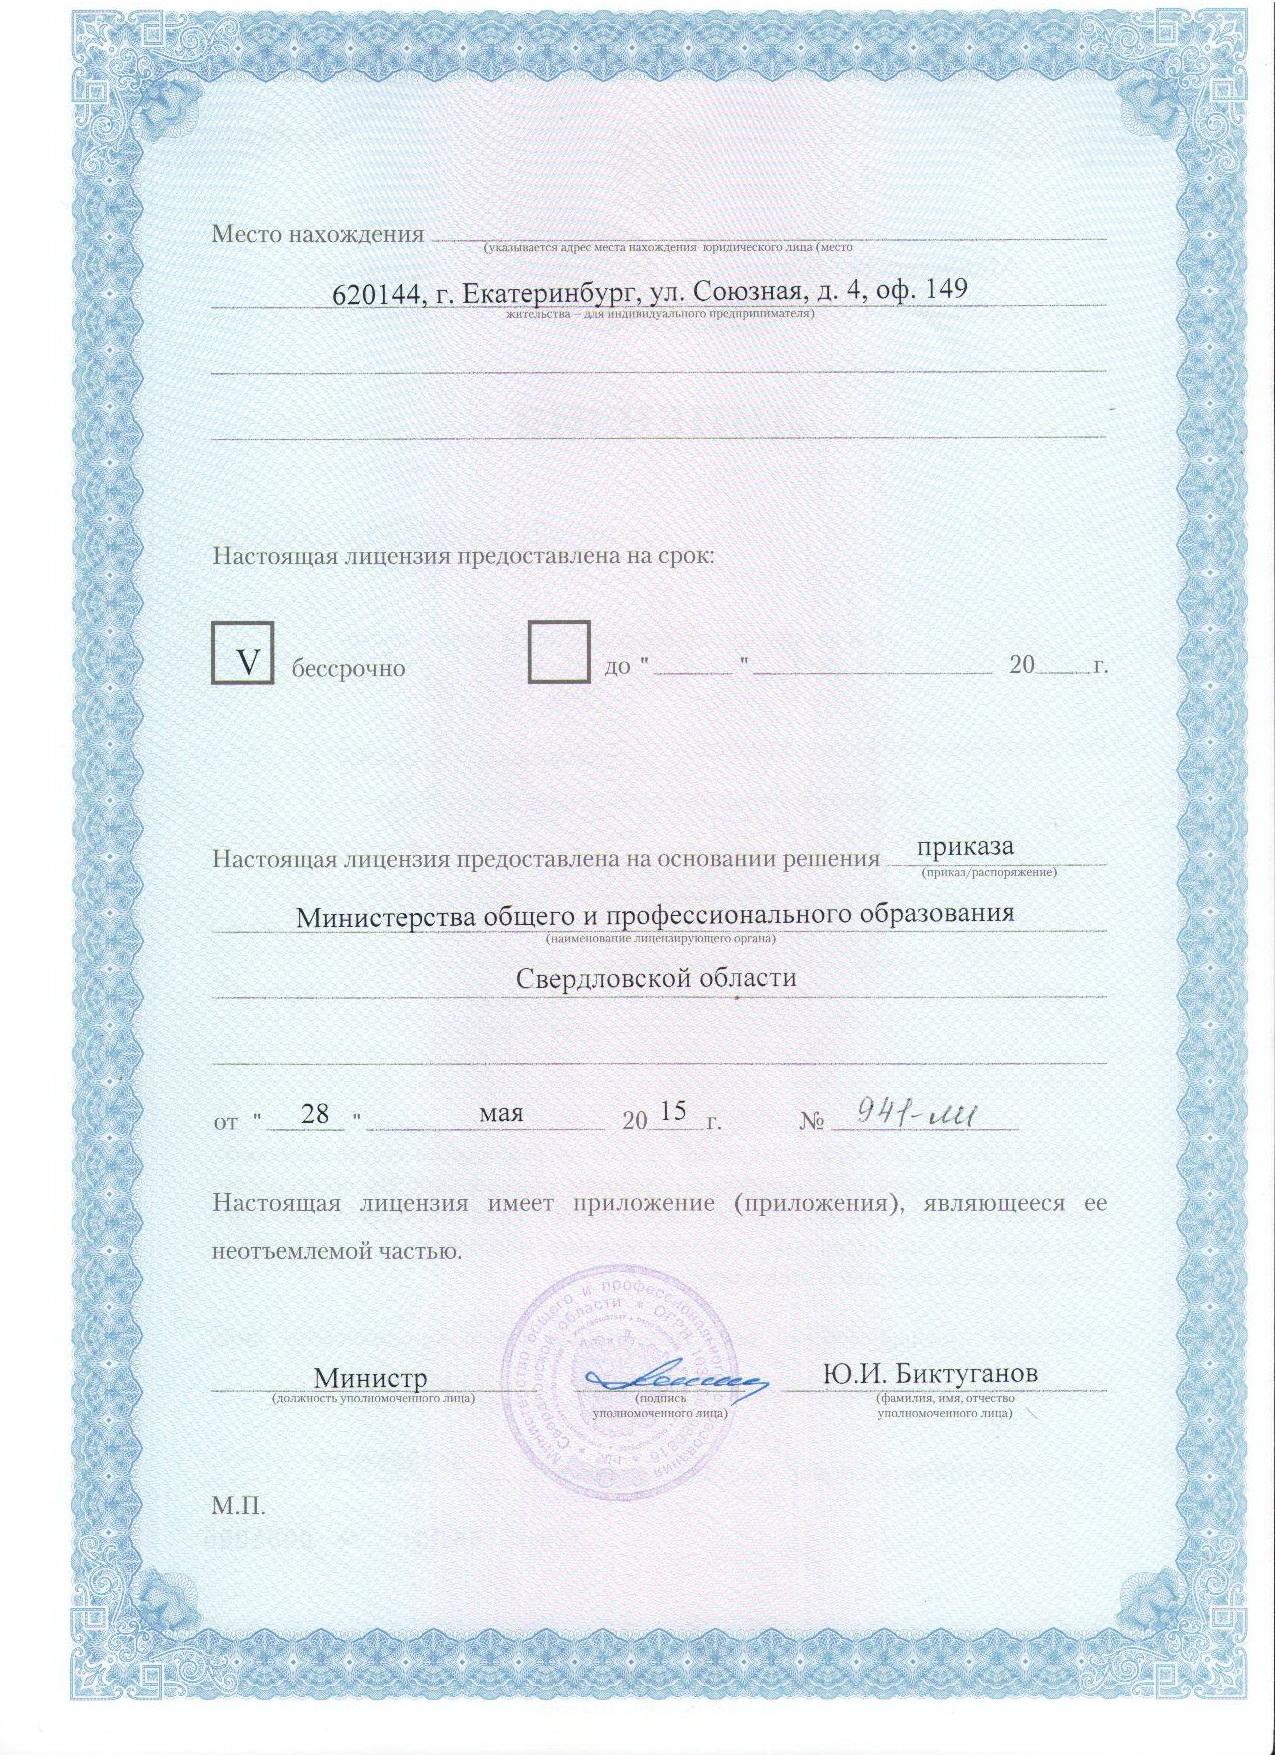 лицензия ооообратня сотона